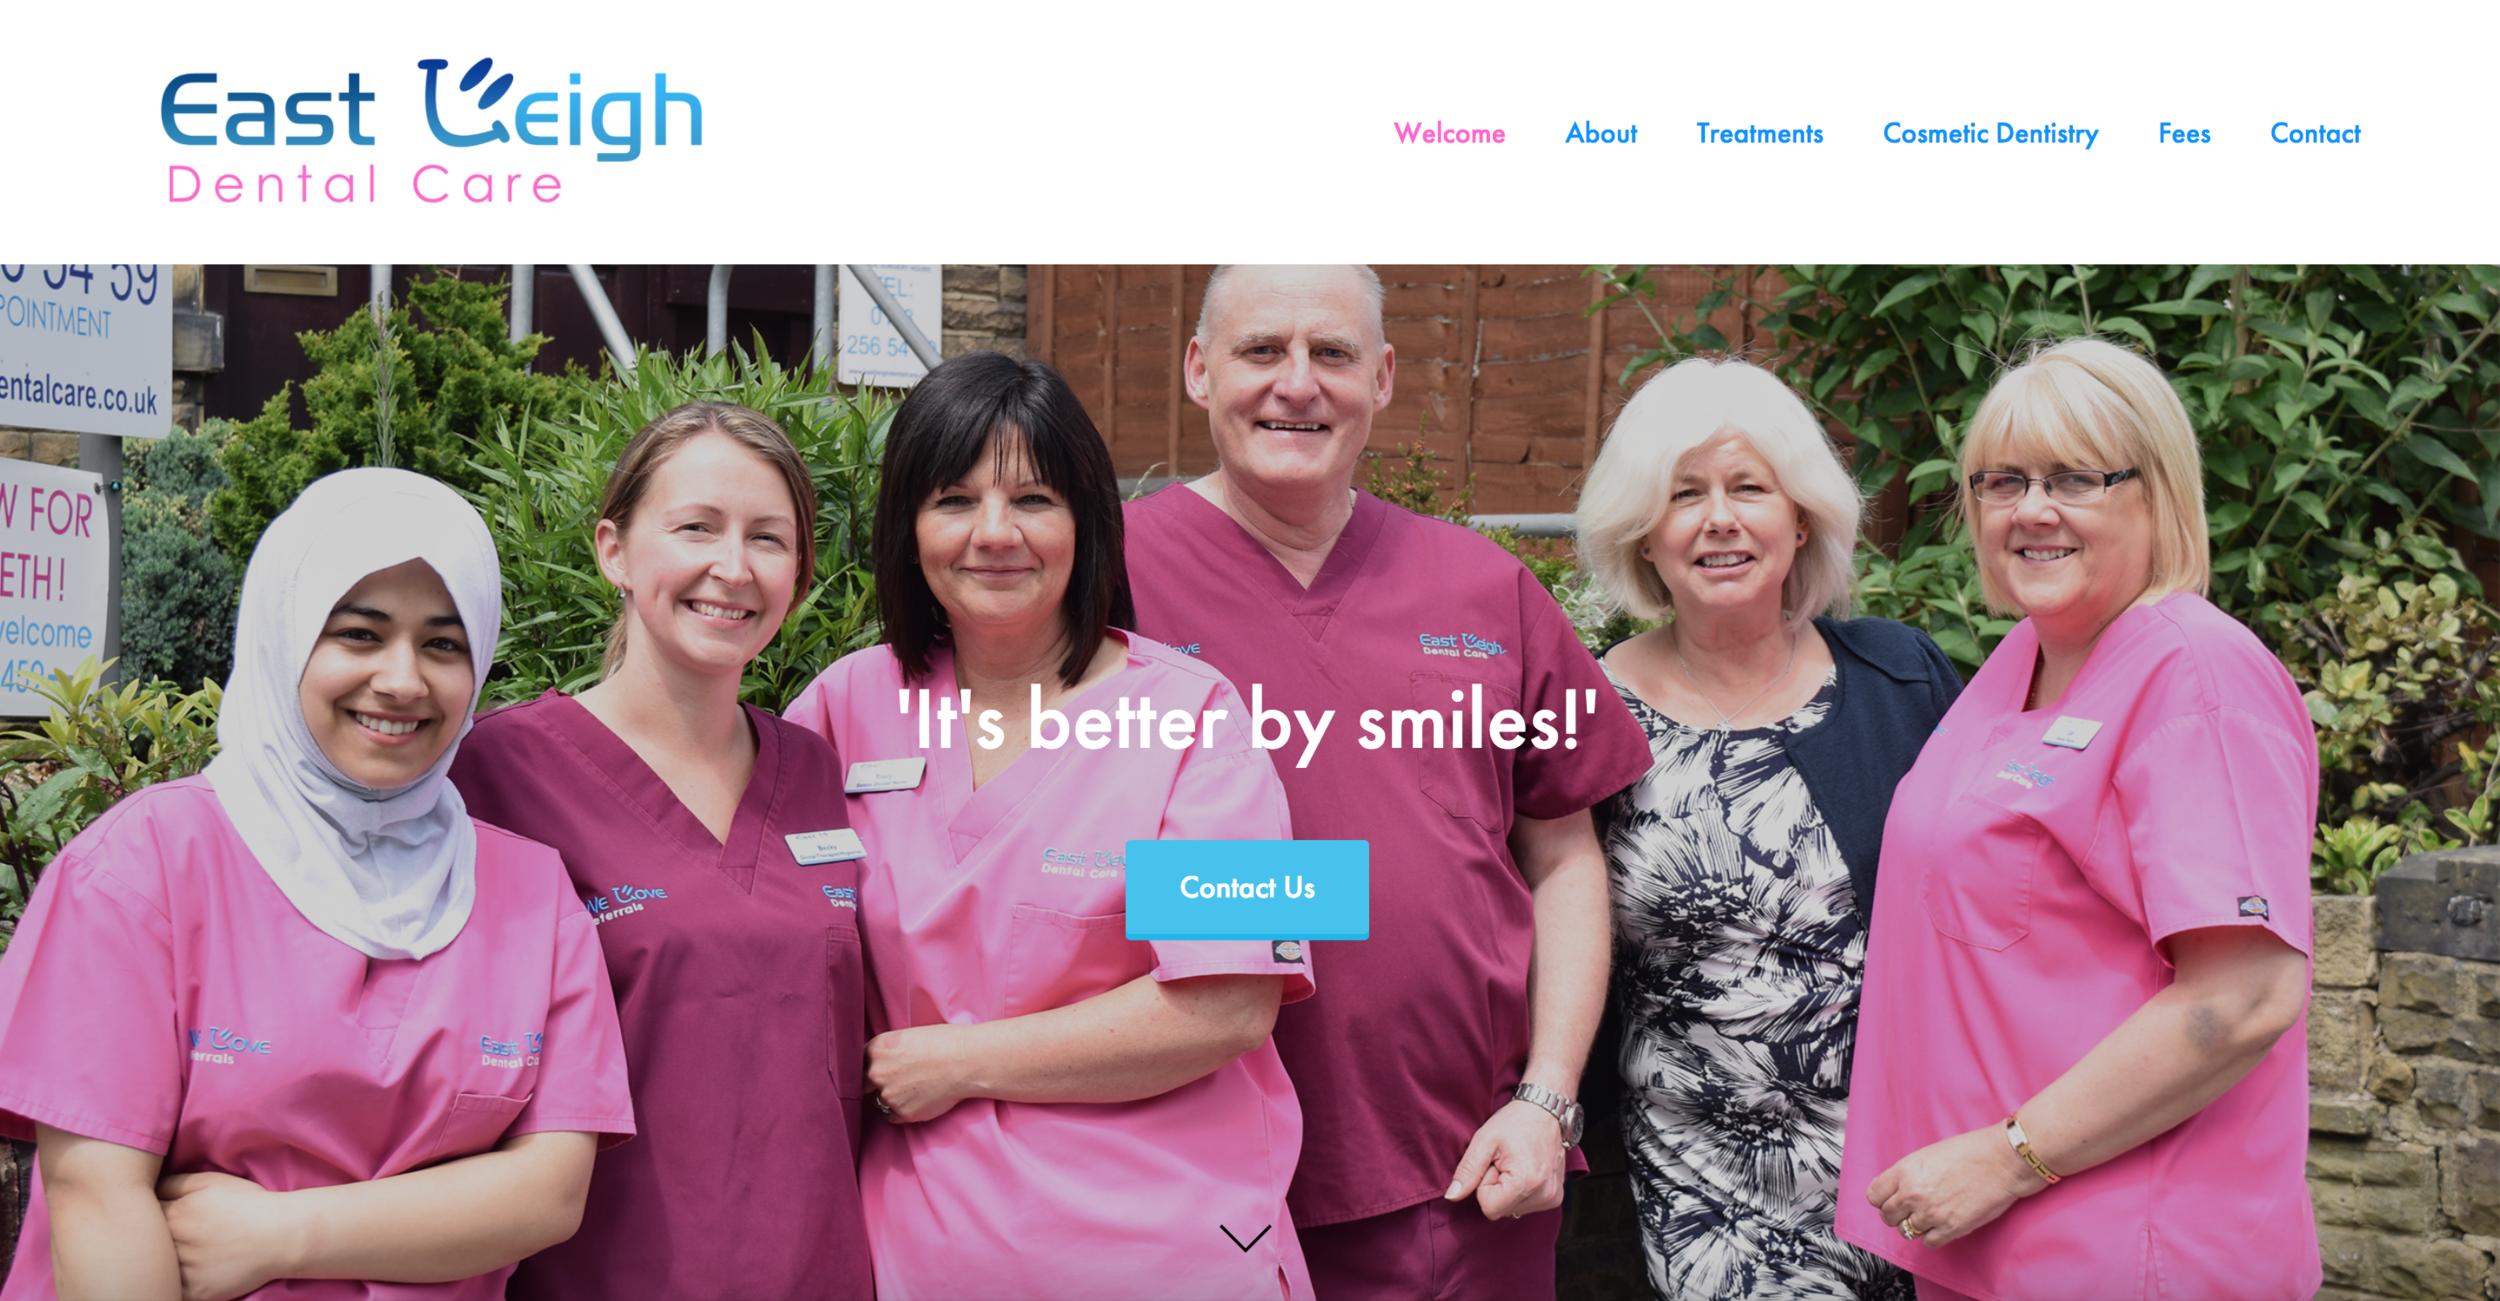 Eastleigh Dental - www.eastleighdentalcare.co.uk